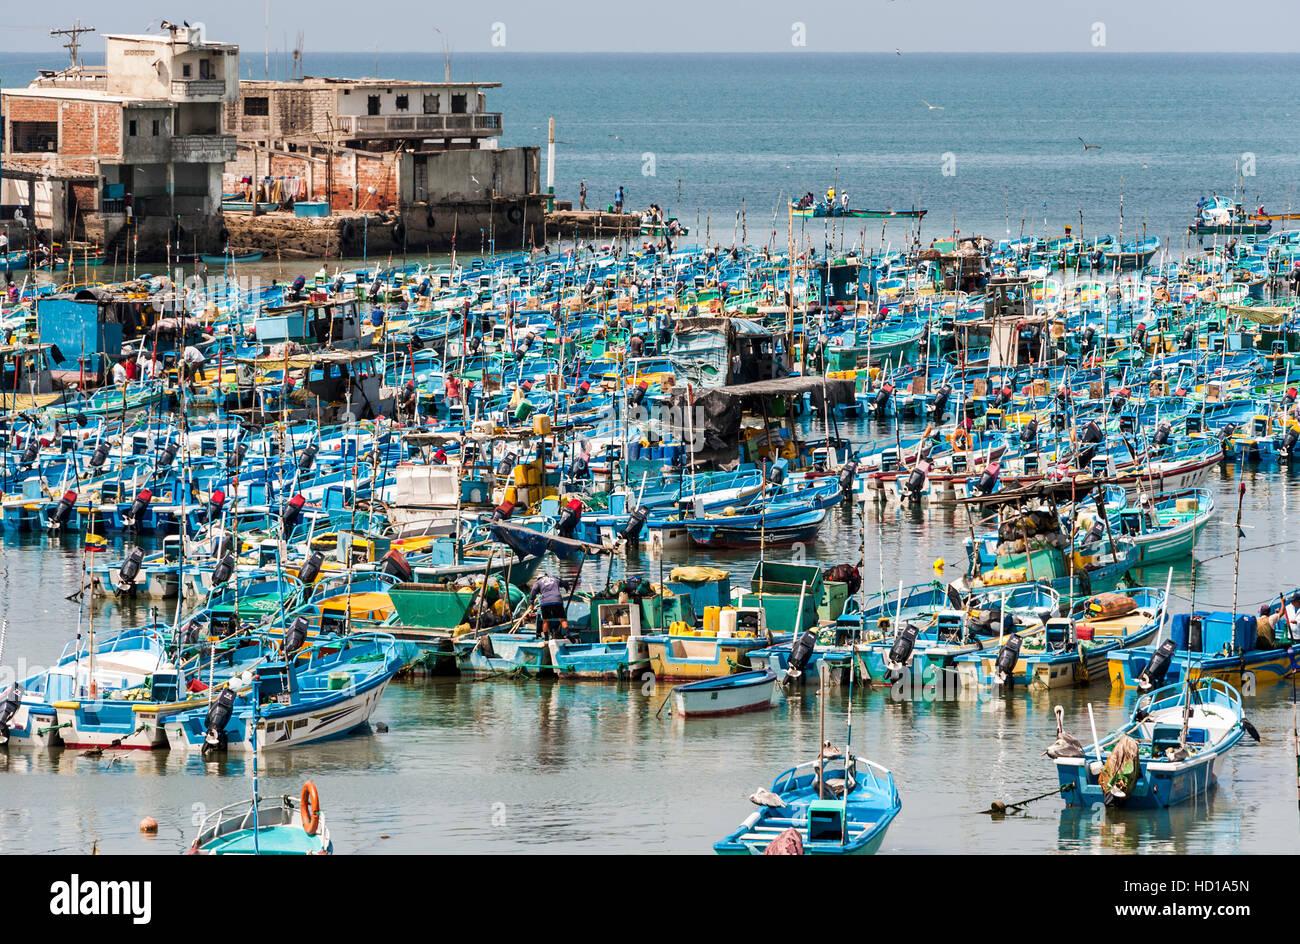 Salinas, Ecuador - Septiembre 17, 2011: barcos de pesca están hacinados en la Bahía de Santa Elena Imagen De Stock